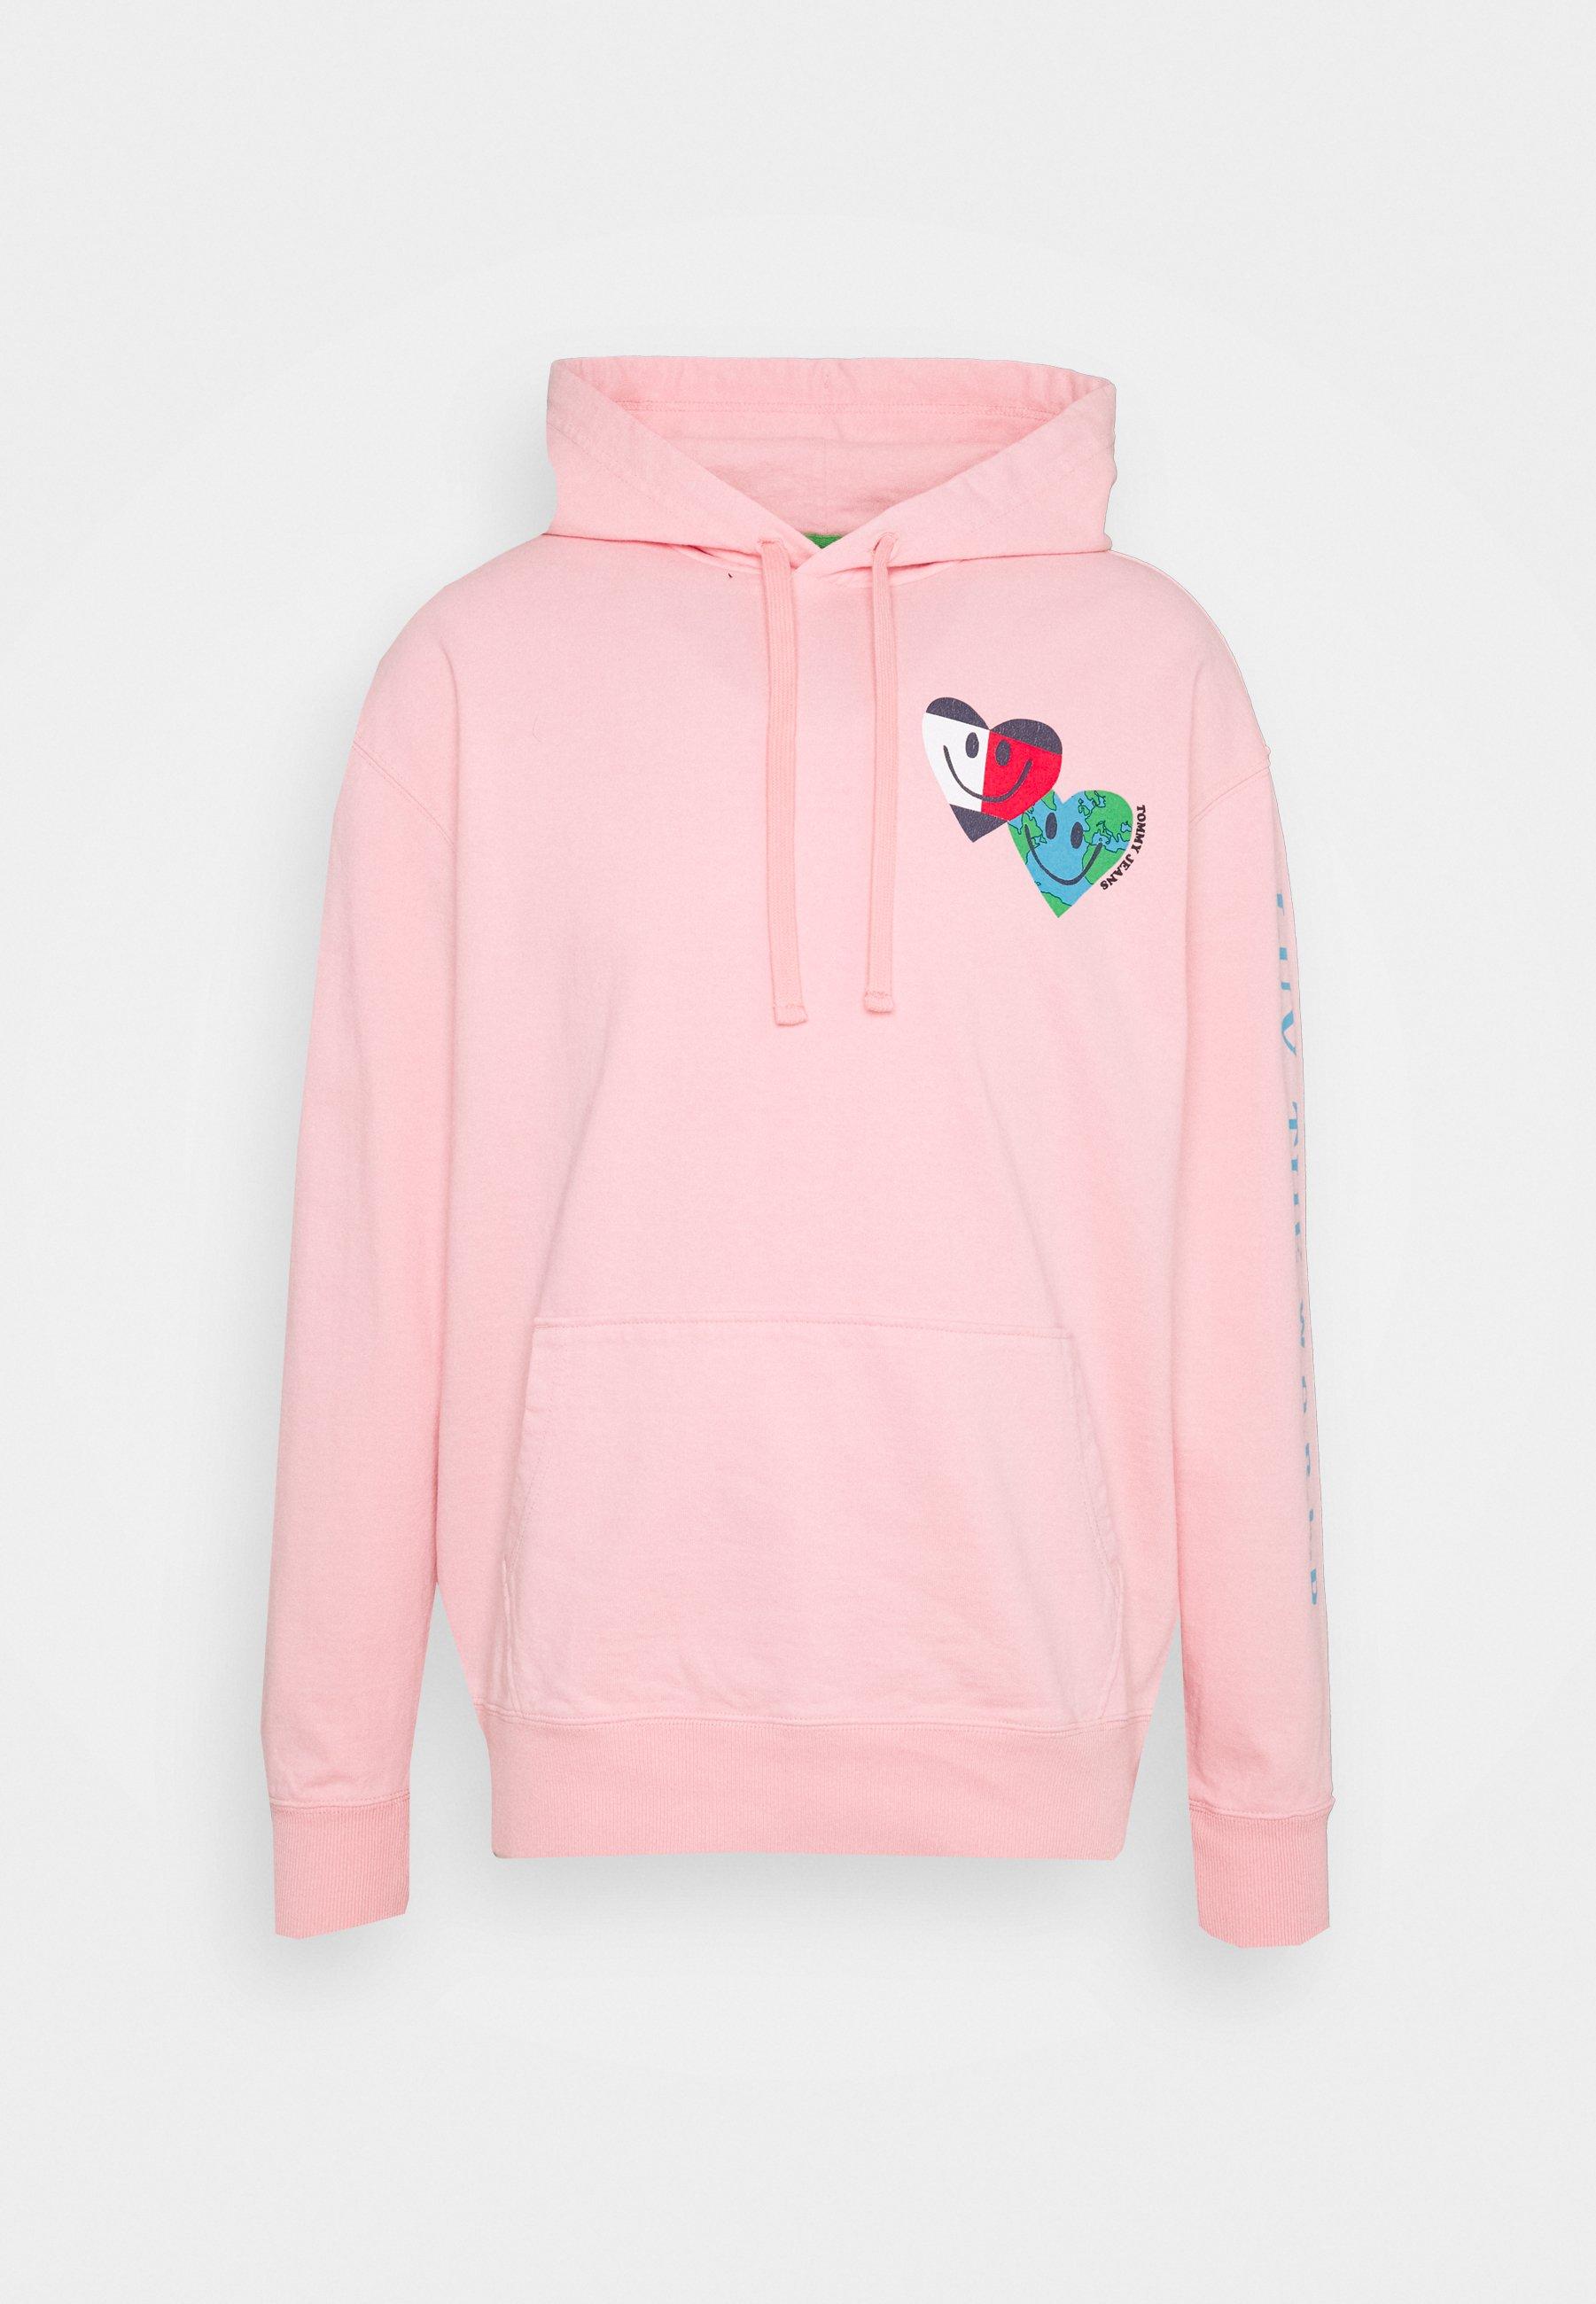 Homme LUV THE WORLD HOODIE - Sweatshirt